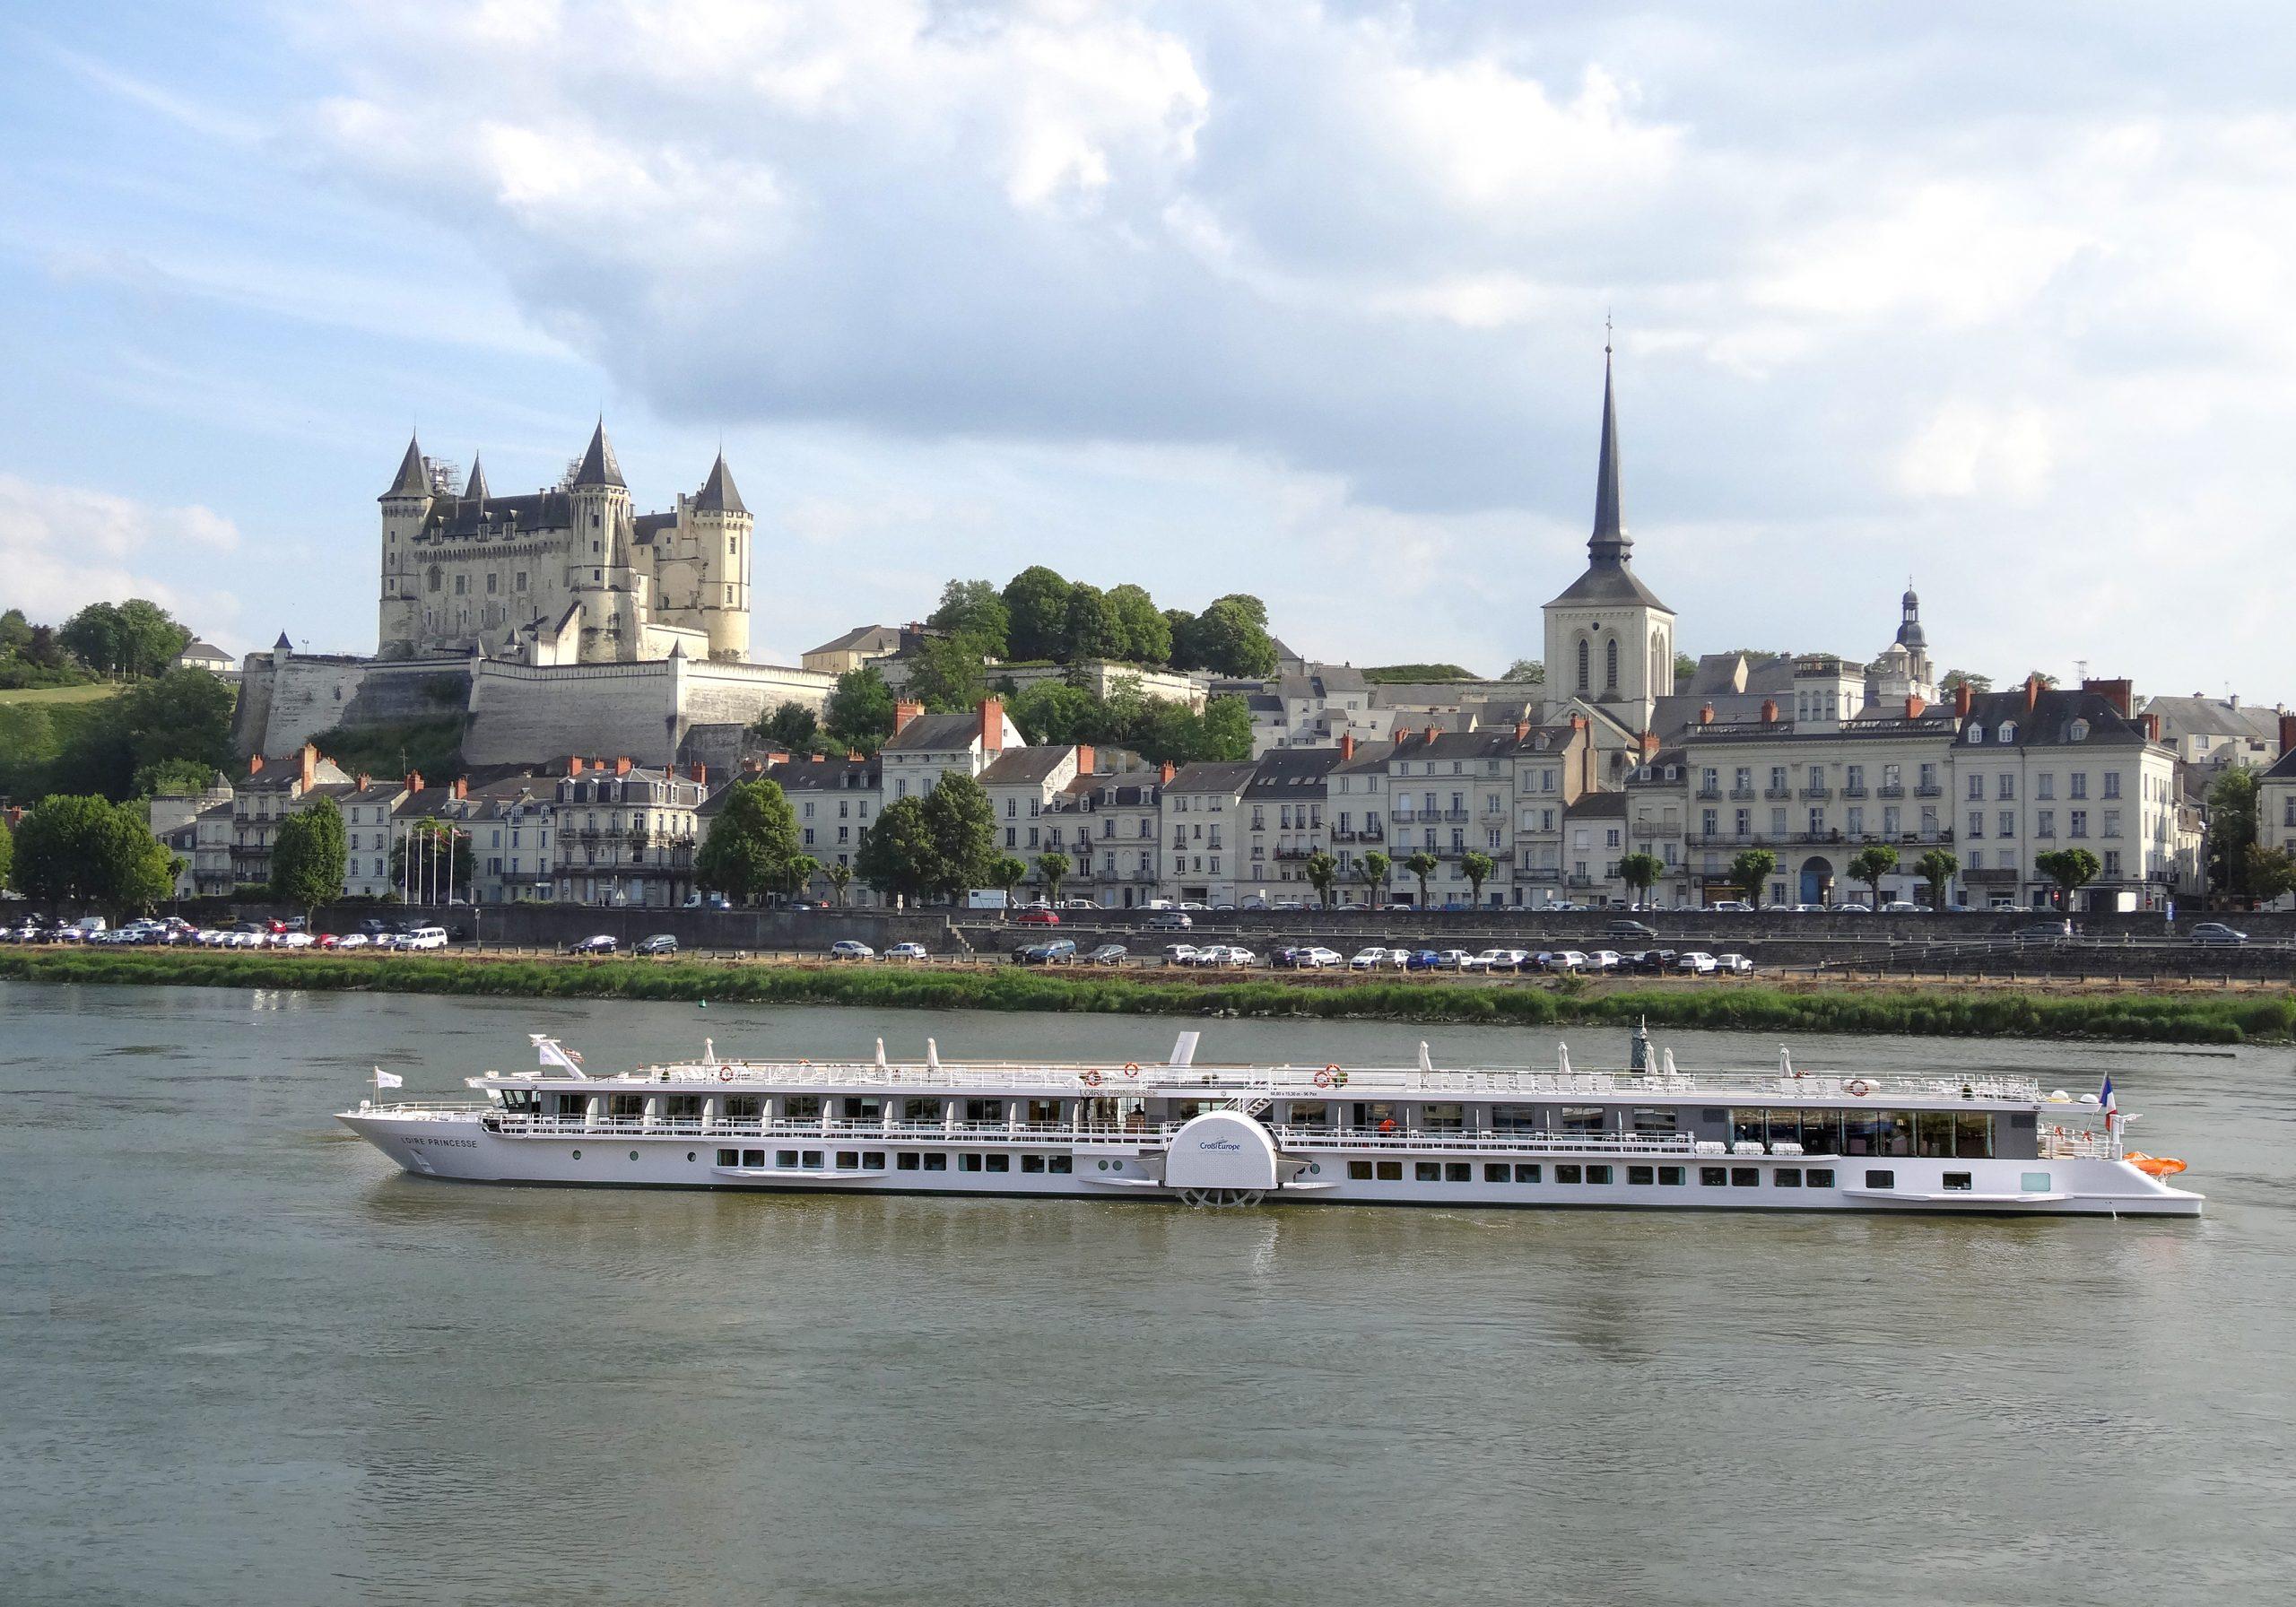 Das Schaufelradschiff Loire Princess von Croisi Europe nimmt seinen Betrieb wieder auf und fährt ab Juli von Nates aus auf der Loire